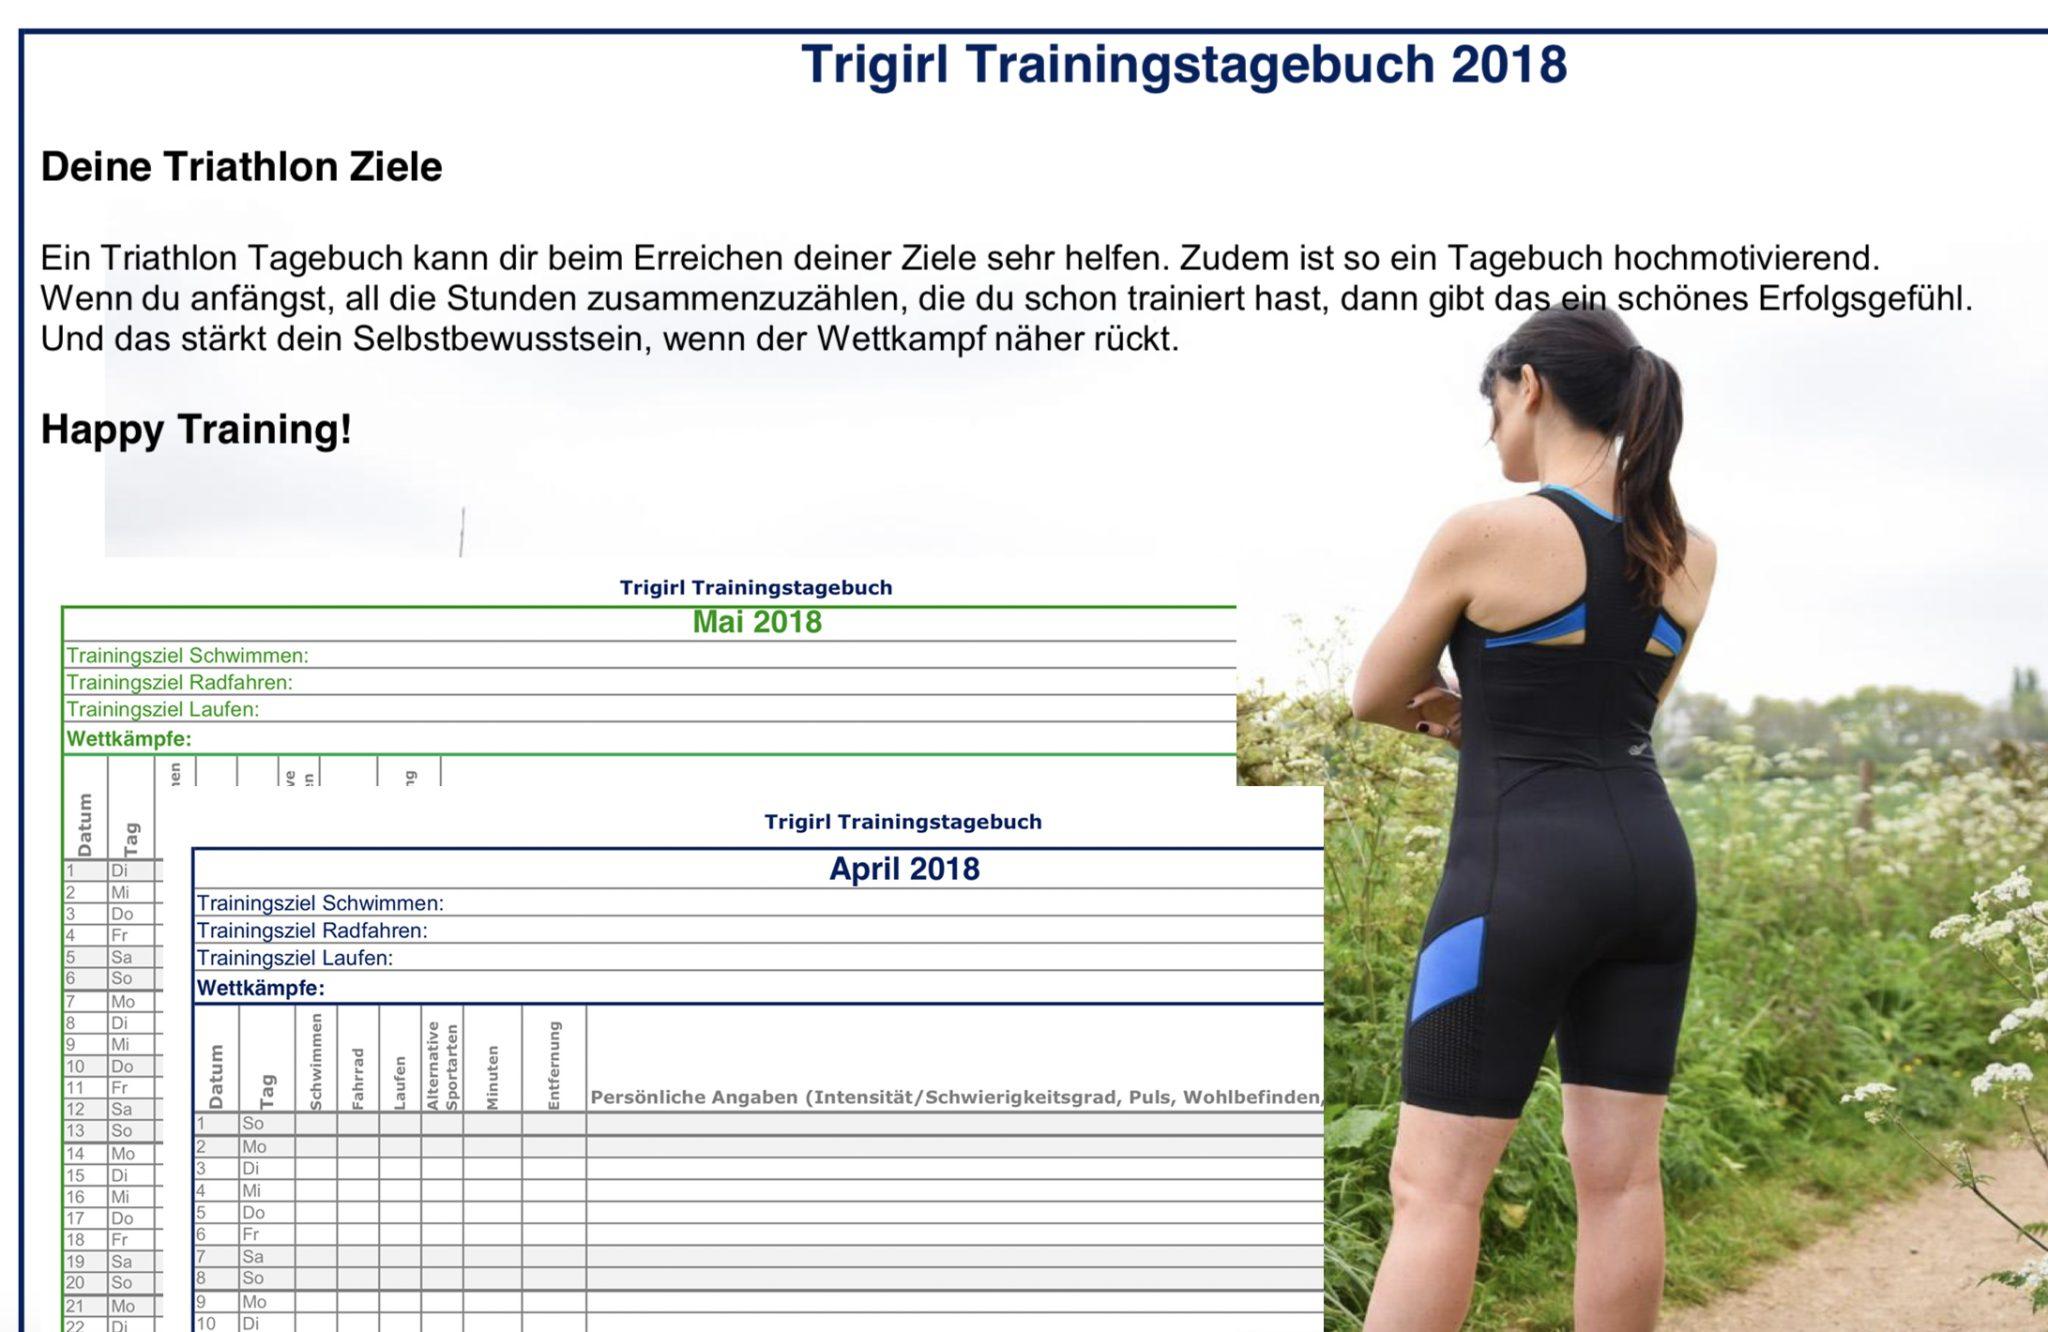 Triathlon-Trainingtagebuch-2018